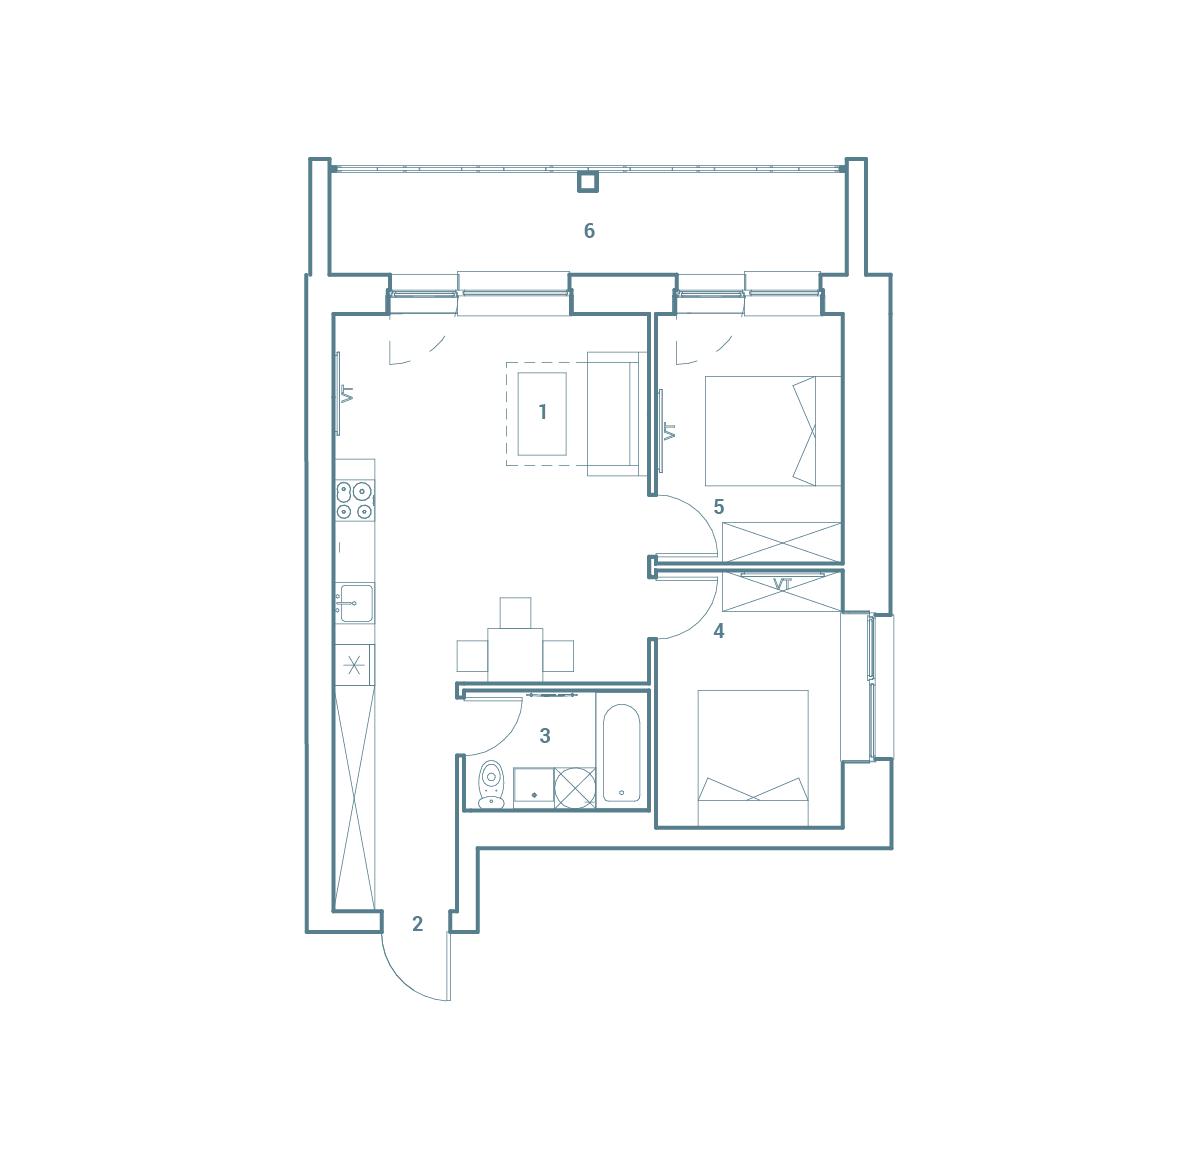 parduodamas butas Lazdynėlių g. 16B - 38  Vilniuje, buto 2D vaizdas